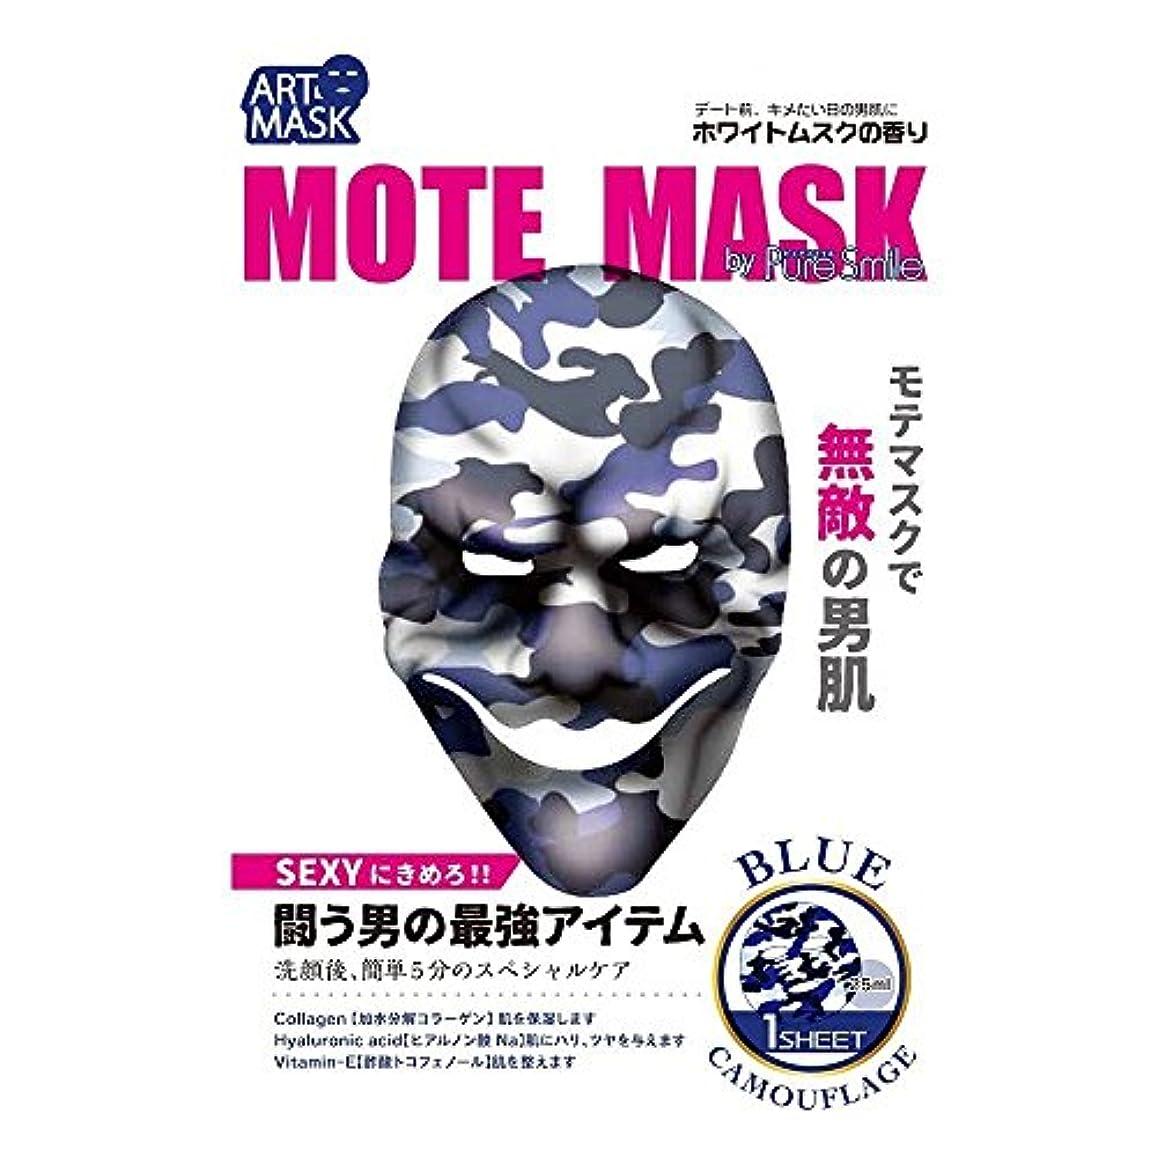 洞察力のある折化粧ピュアスマイル モテマスク ブルーカモフラージュ MA02 【セクシー】